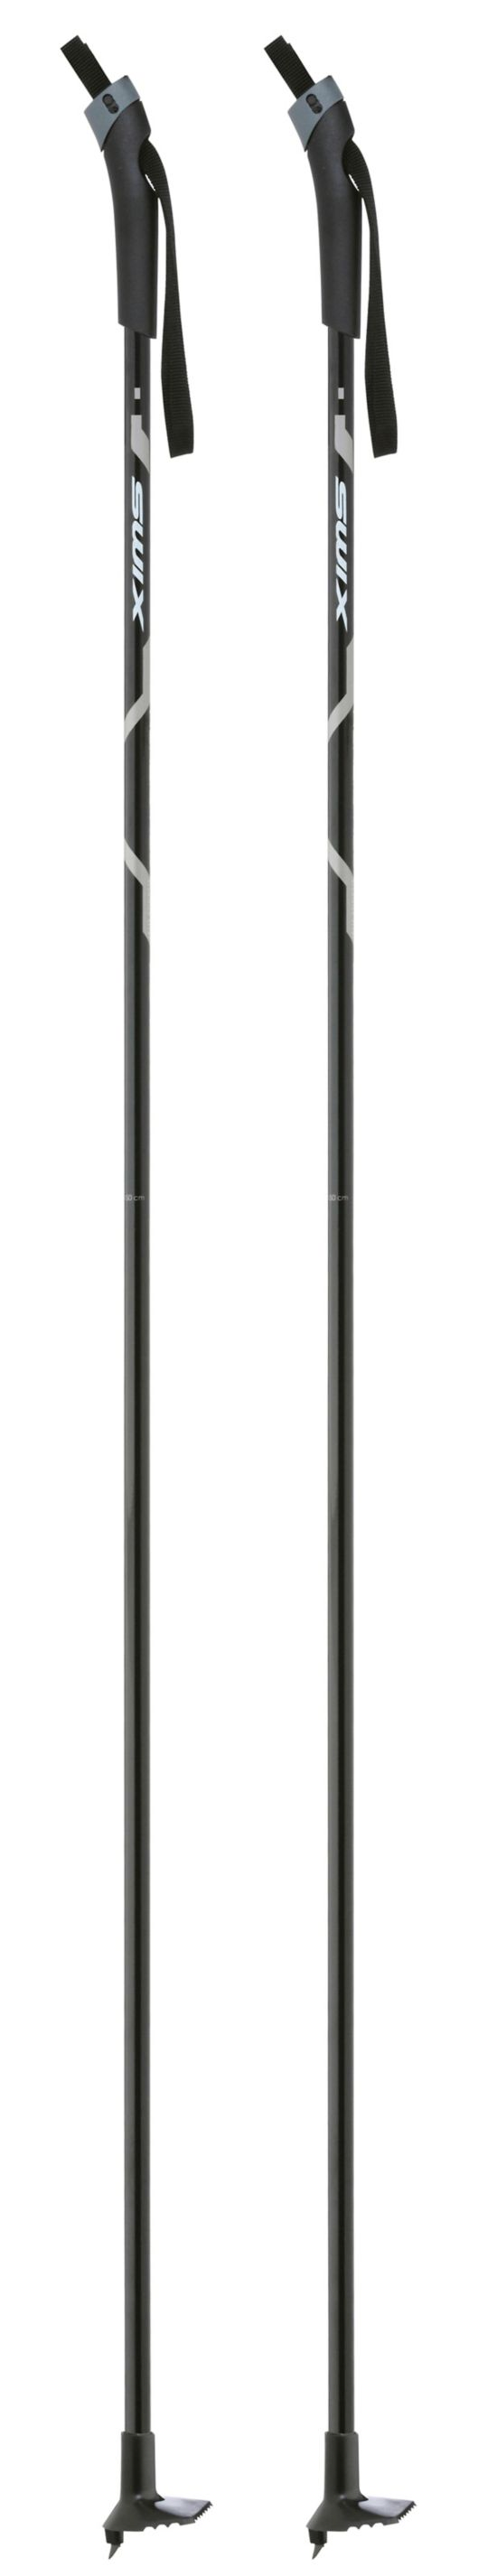 Nordic Standard Aluminium Turstav